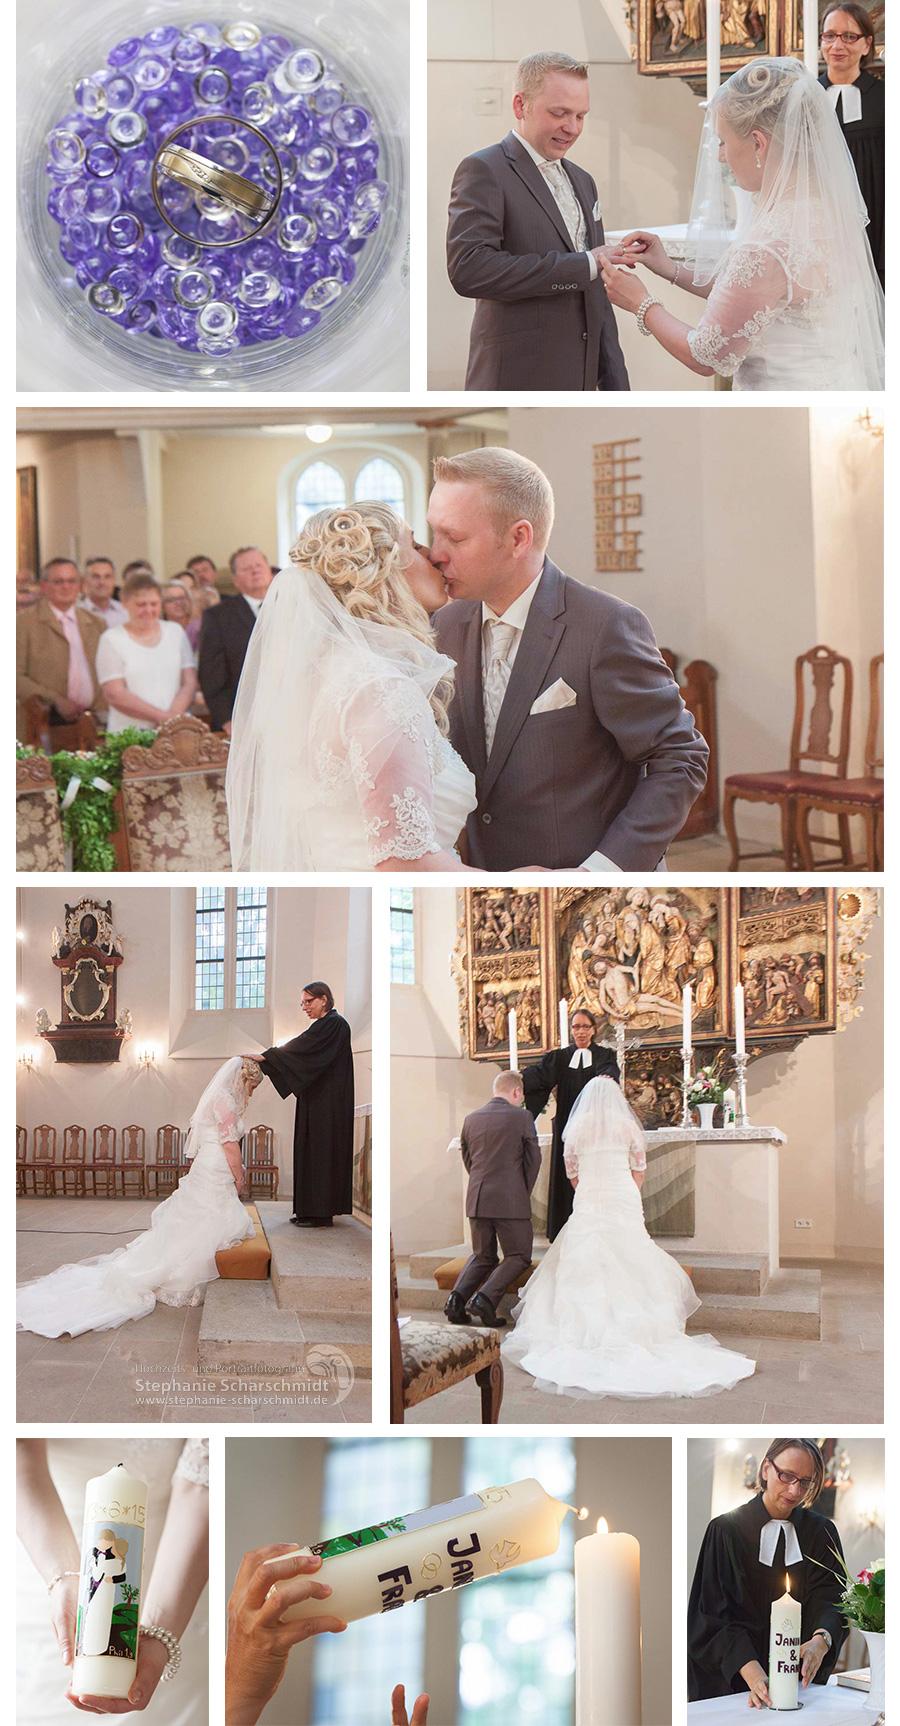 Hochzeitsfotograf in Jößnitz bei Plauen – Hochzeitsreportage in Jößnitz – Hochzeits- und Portraitfotografin Stephanie Scharschmidt